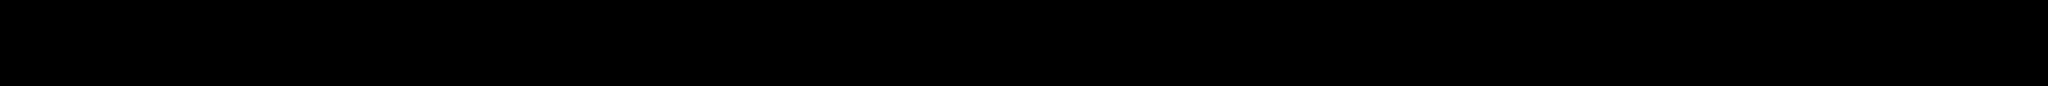 REINZ 71713687, D 000 400, D 176 404 A2, 07 58 9 056 979, 11 12 1 262 571 Dichtstoff